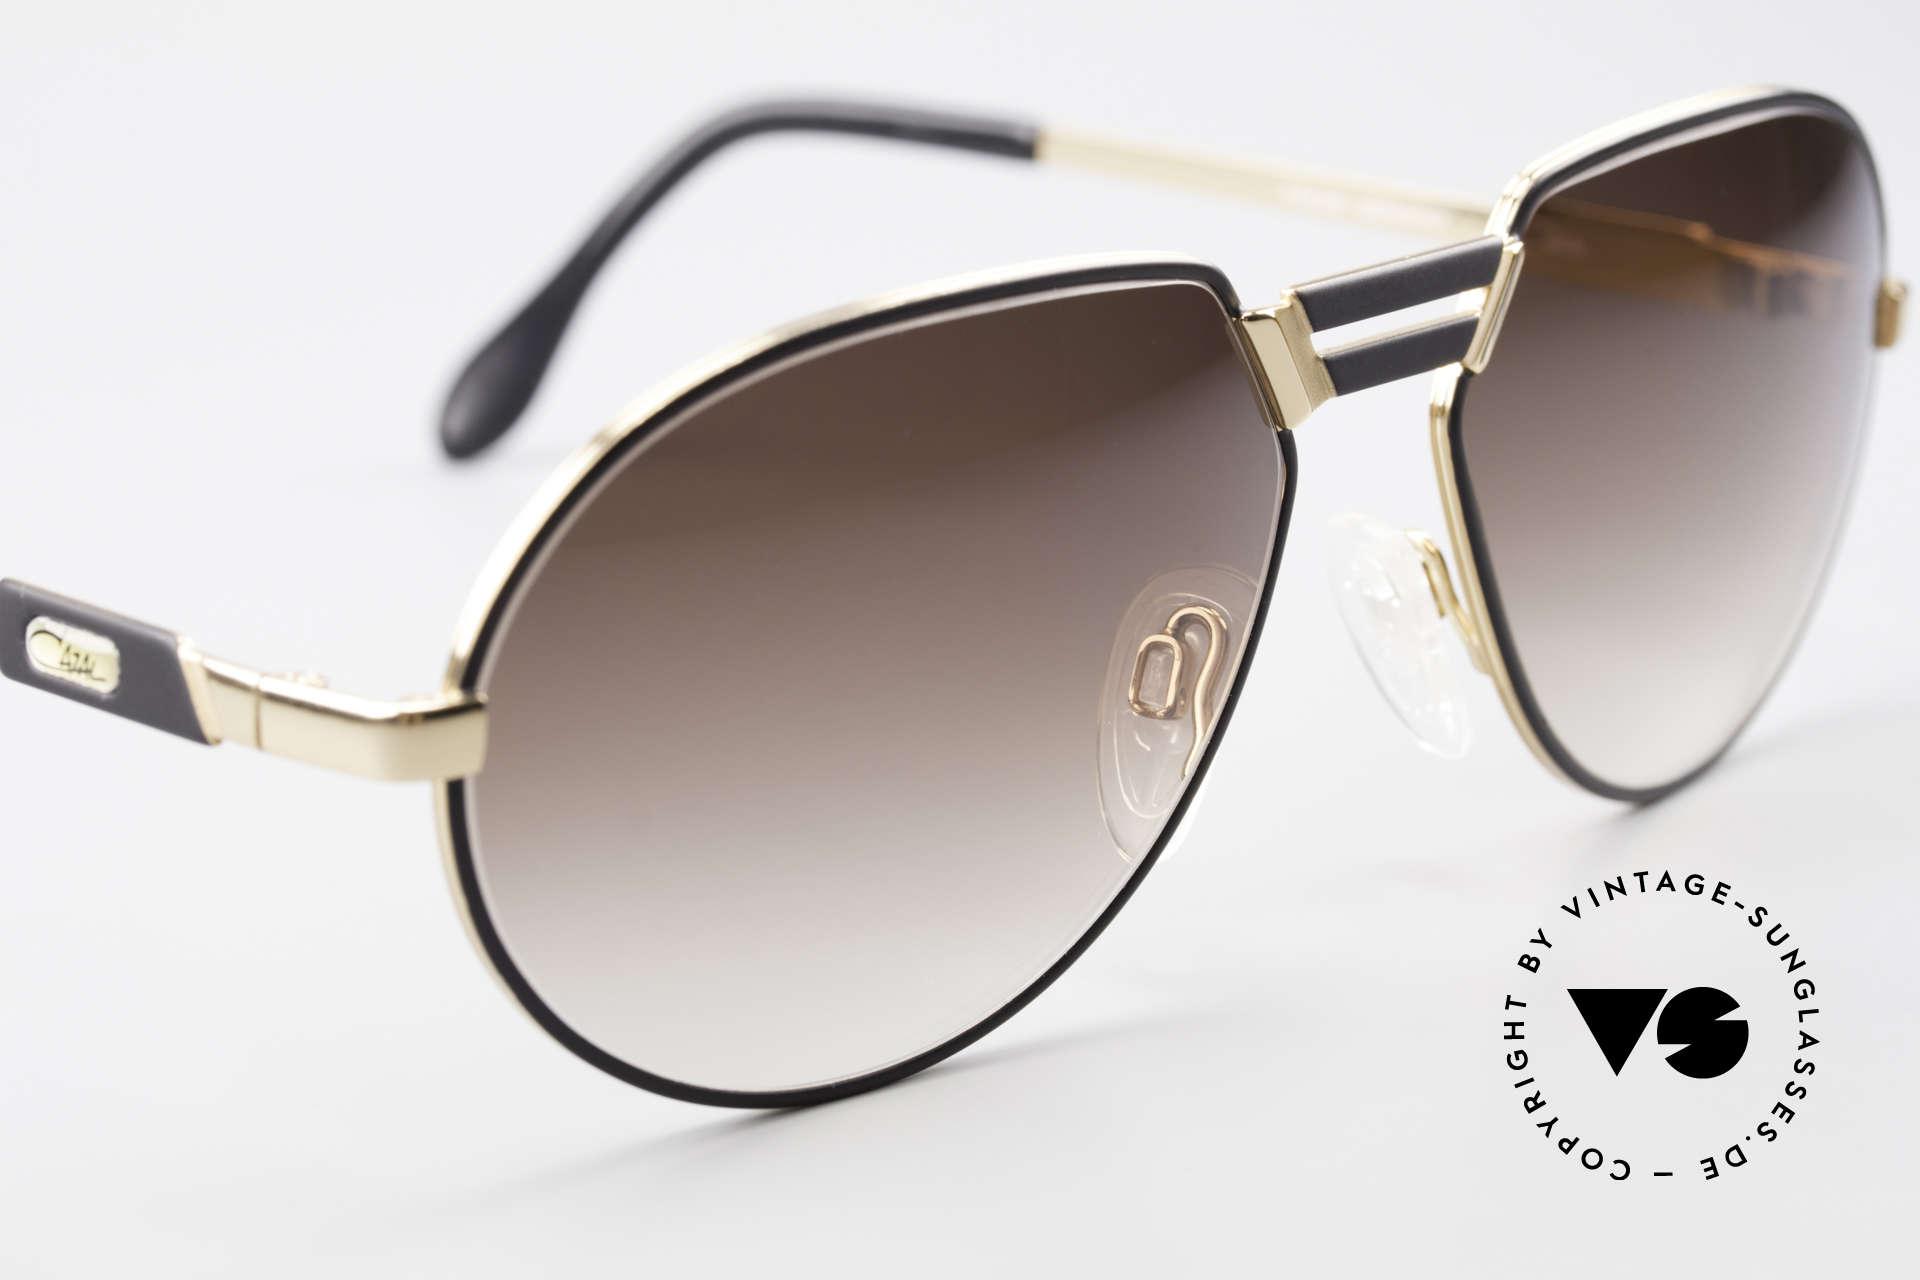 Cazal 739 Extraordinary Sunglasses XL, NO retro specs, but a genuine old vintage original, Made for Men